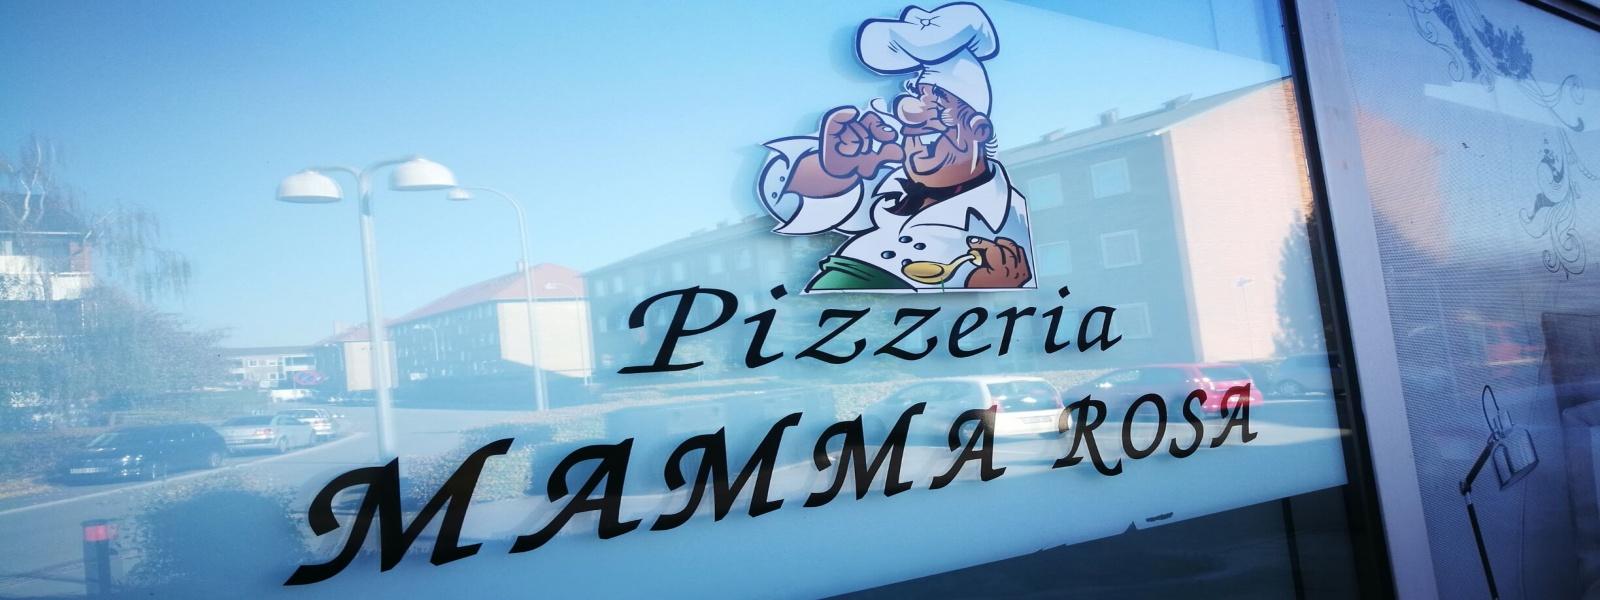 Pizzaria,Til salg,1196